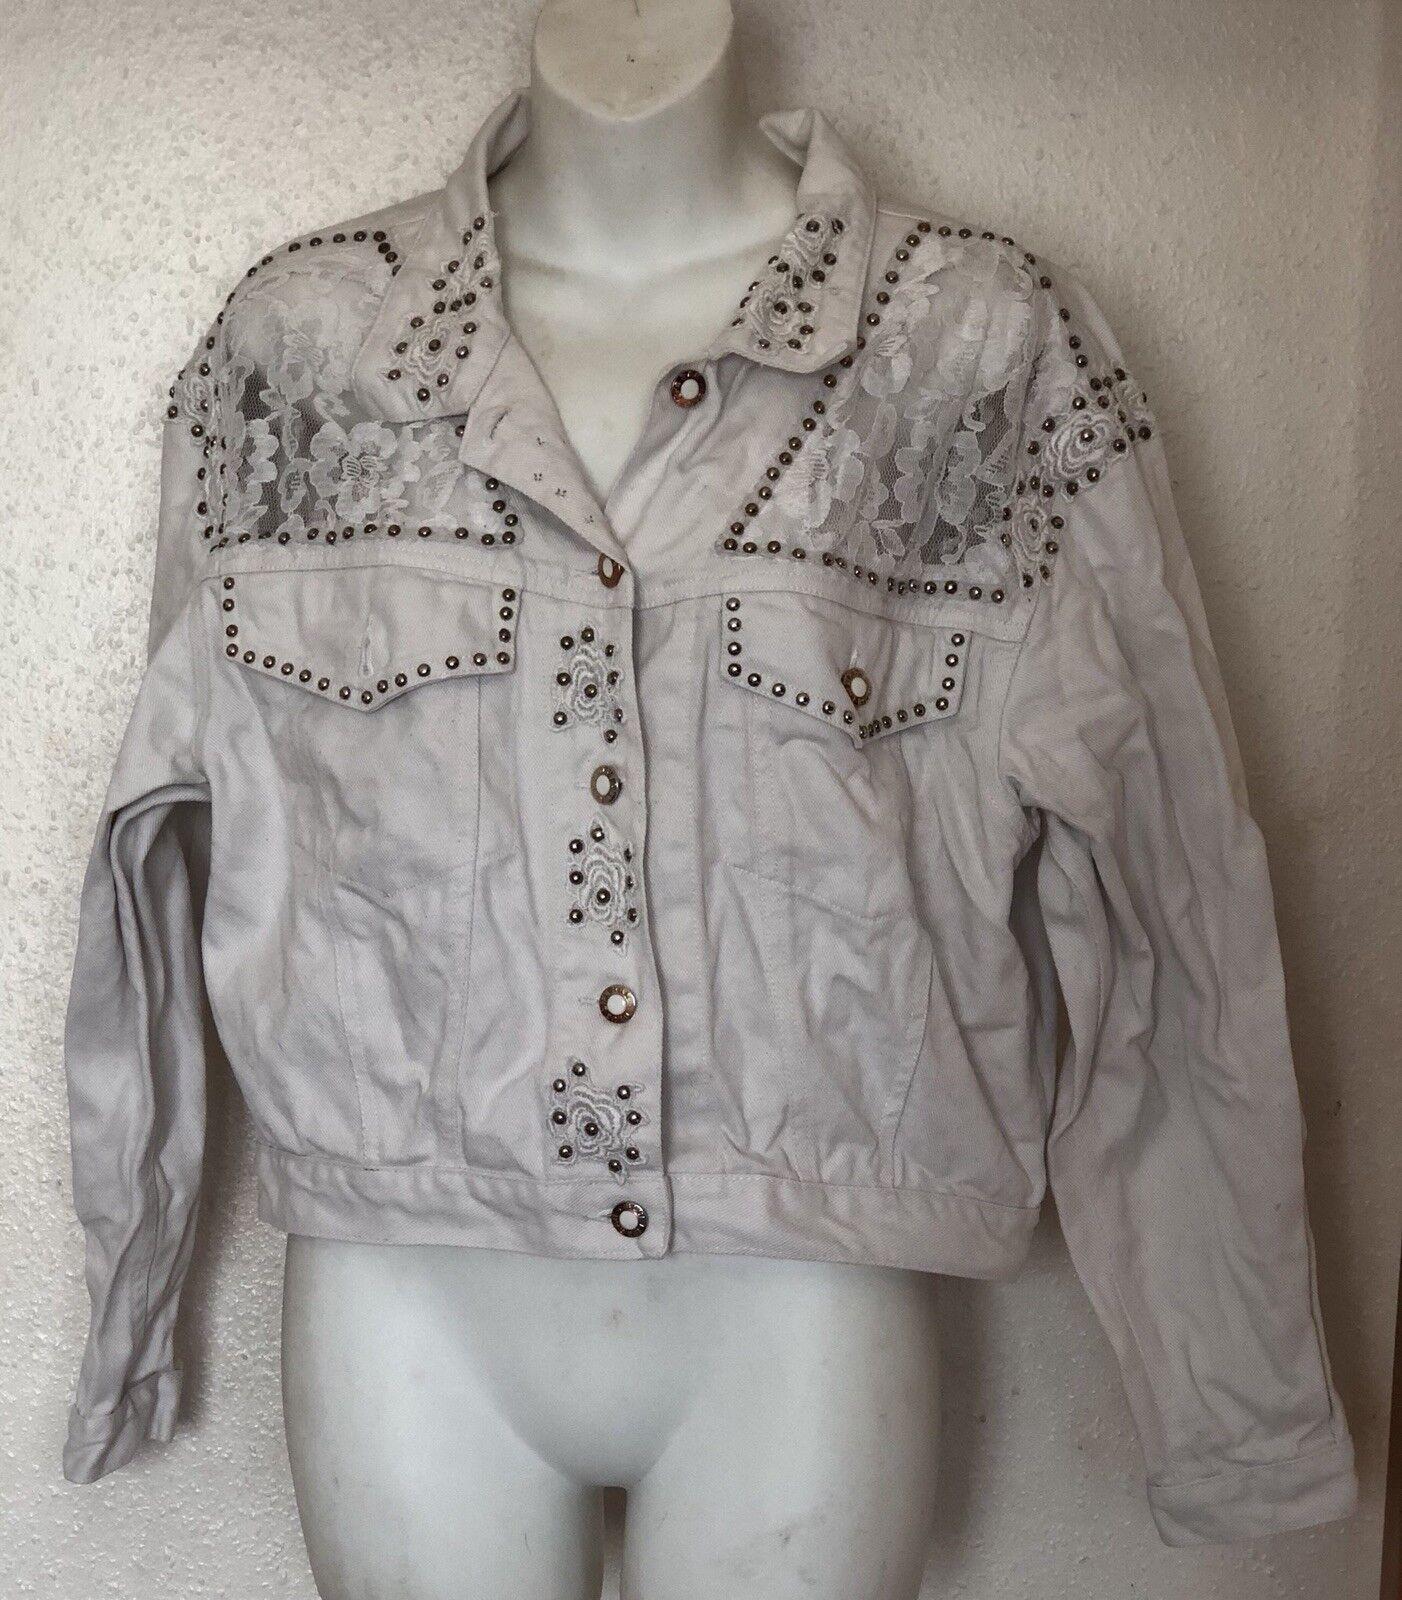 b9034717f98f6 Blanc Clous   Netted Veste en jean-Taille - 10 - jean-Taille 12-Stud 1503fb